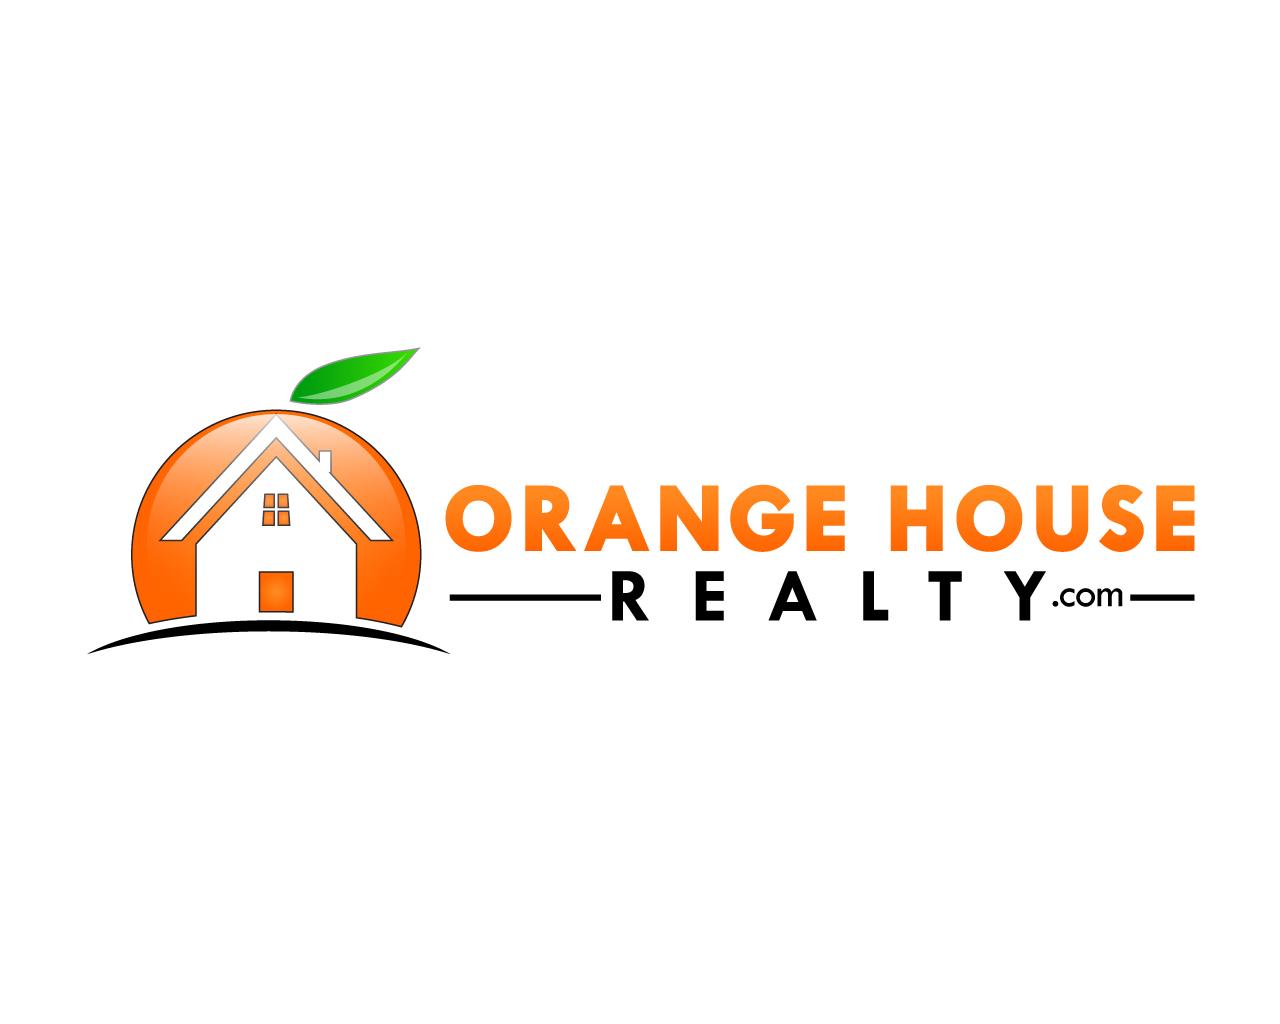 Orange House Realty- Large